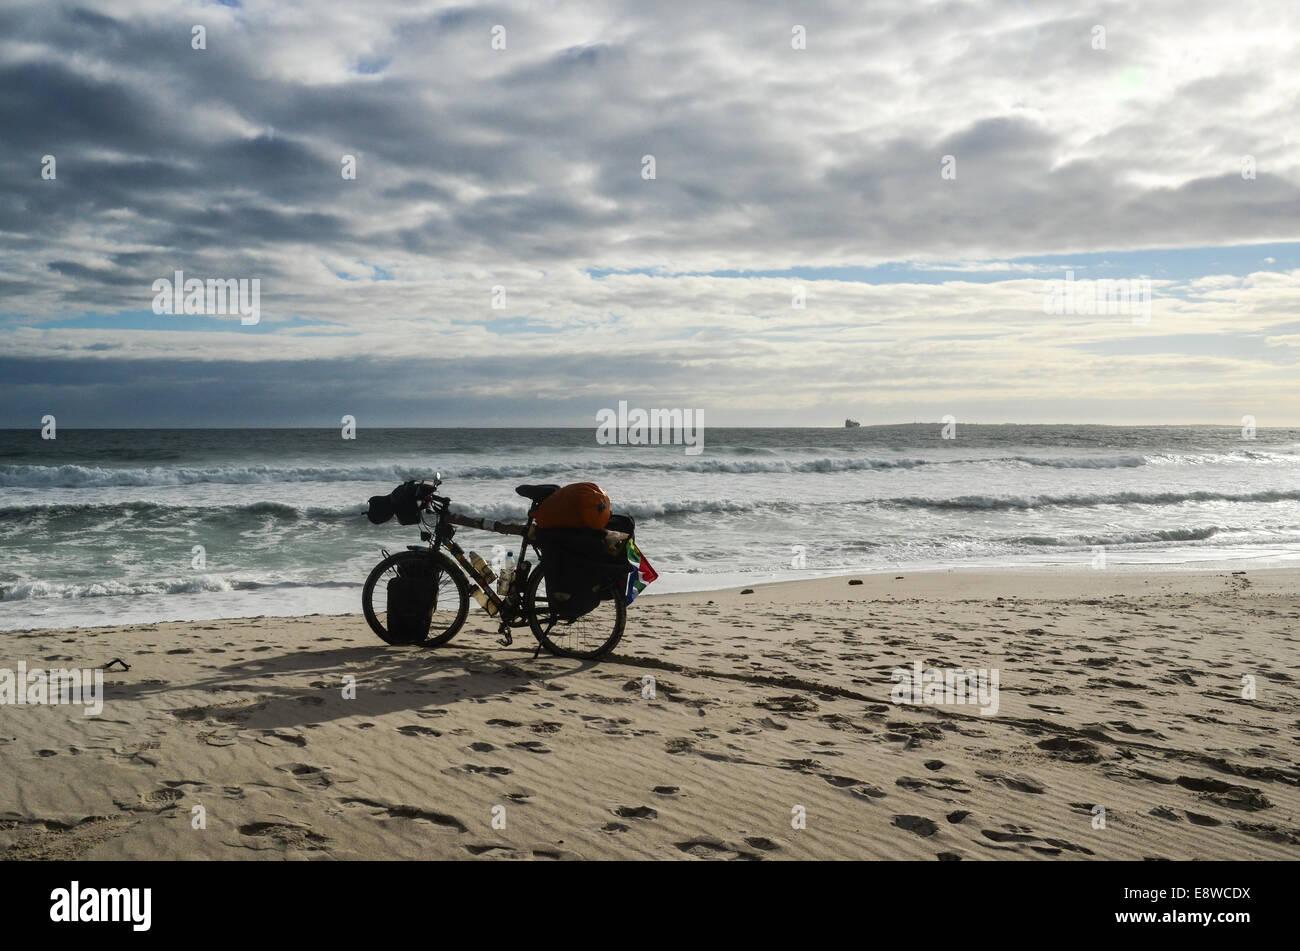 Zyklus auf Tournee in Afrika, ein Tourenrad am Strand in Cape Town, South Africa, mit bewölktem Himmel, Robben Island Stockfoto